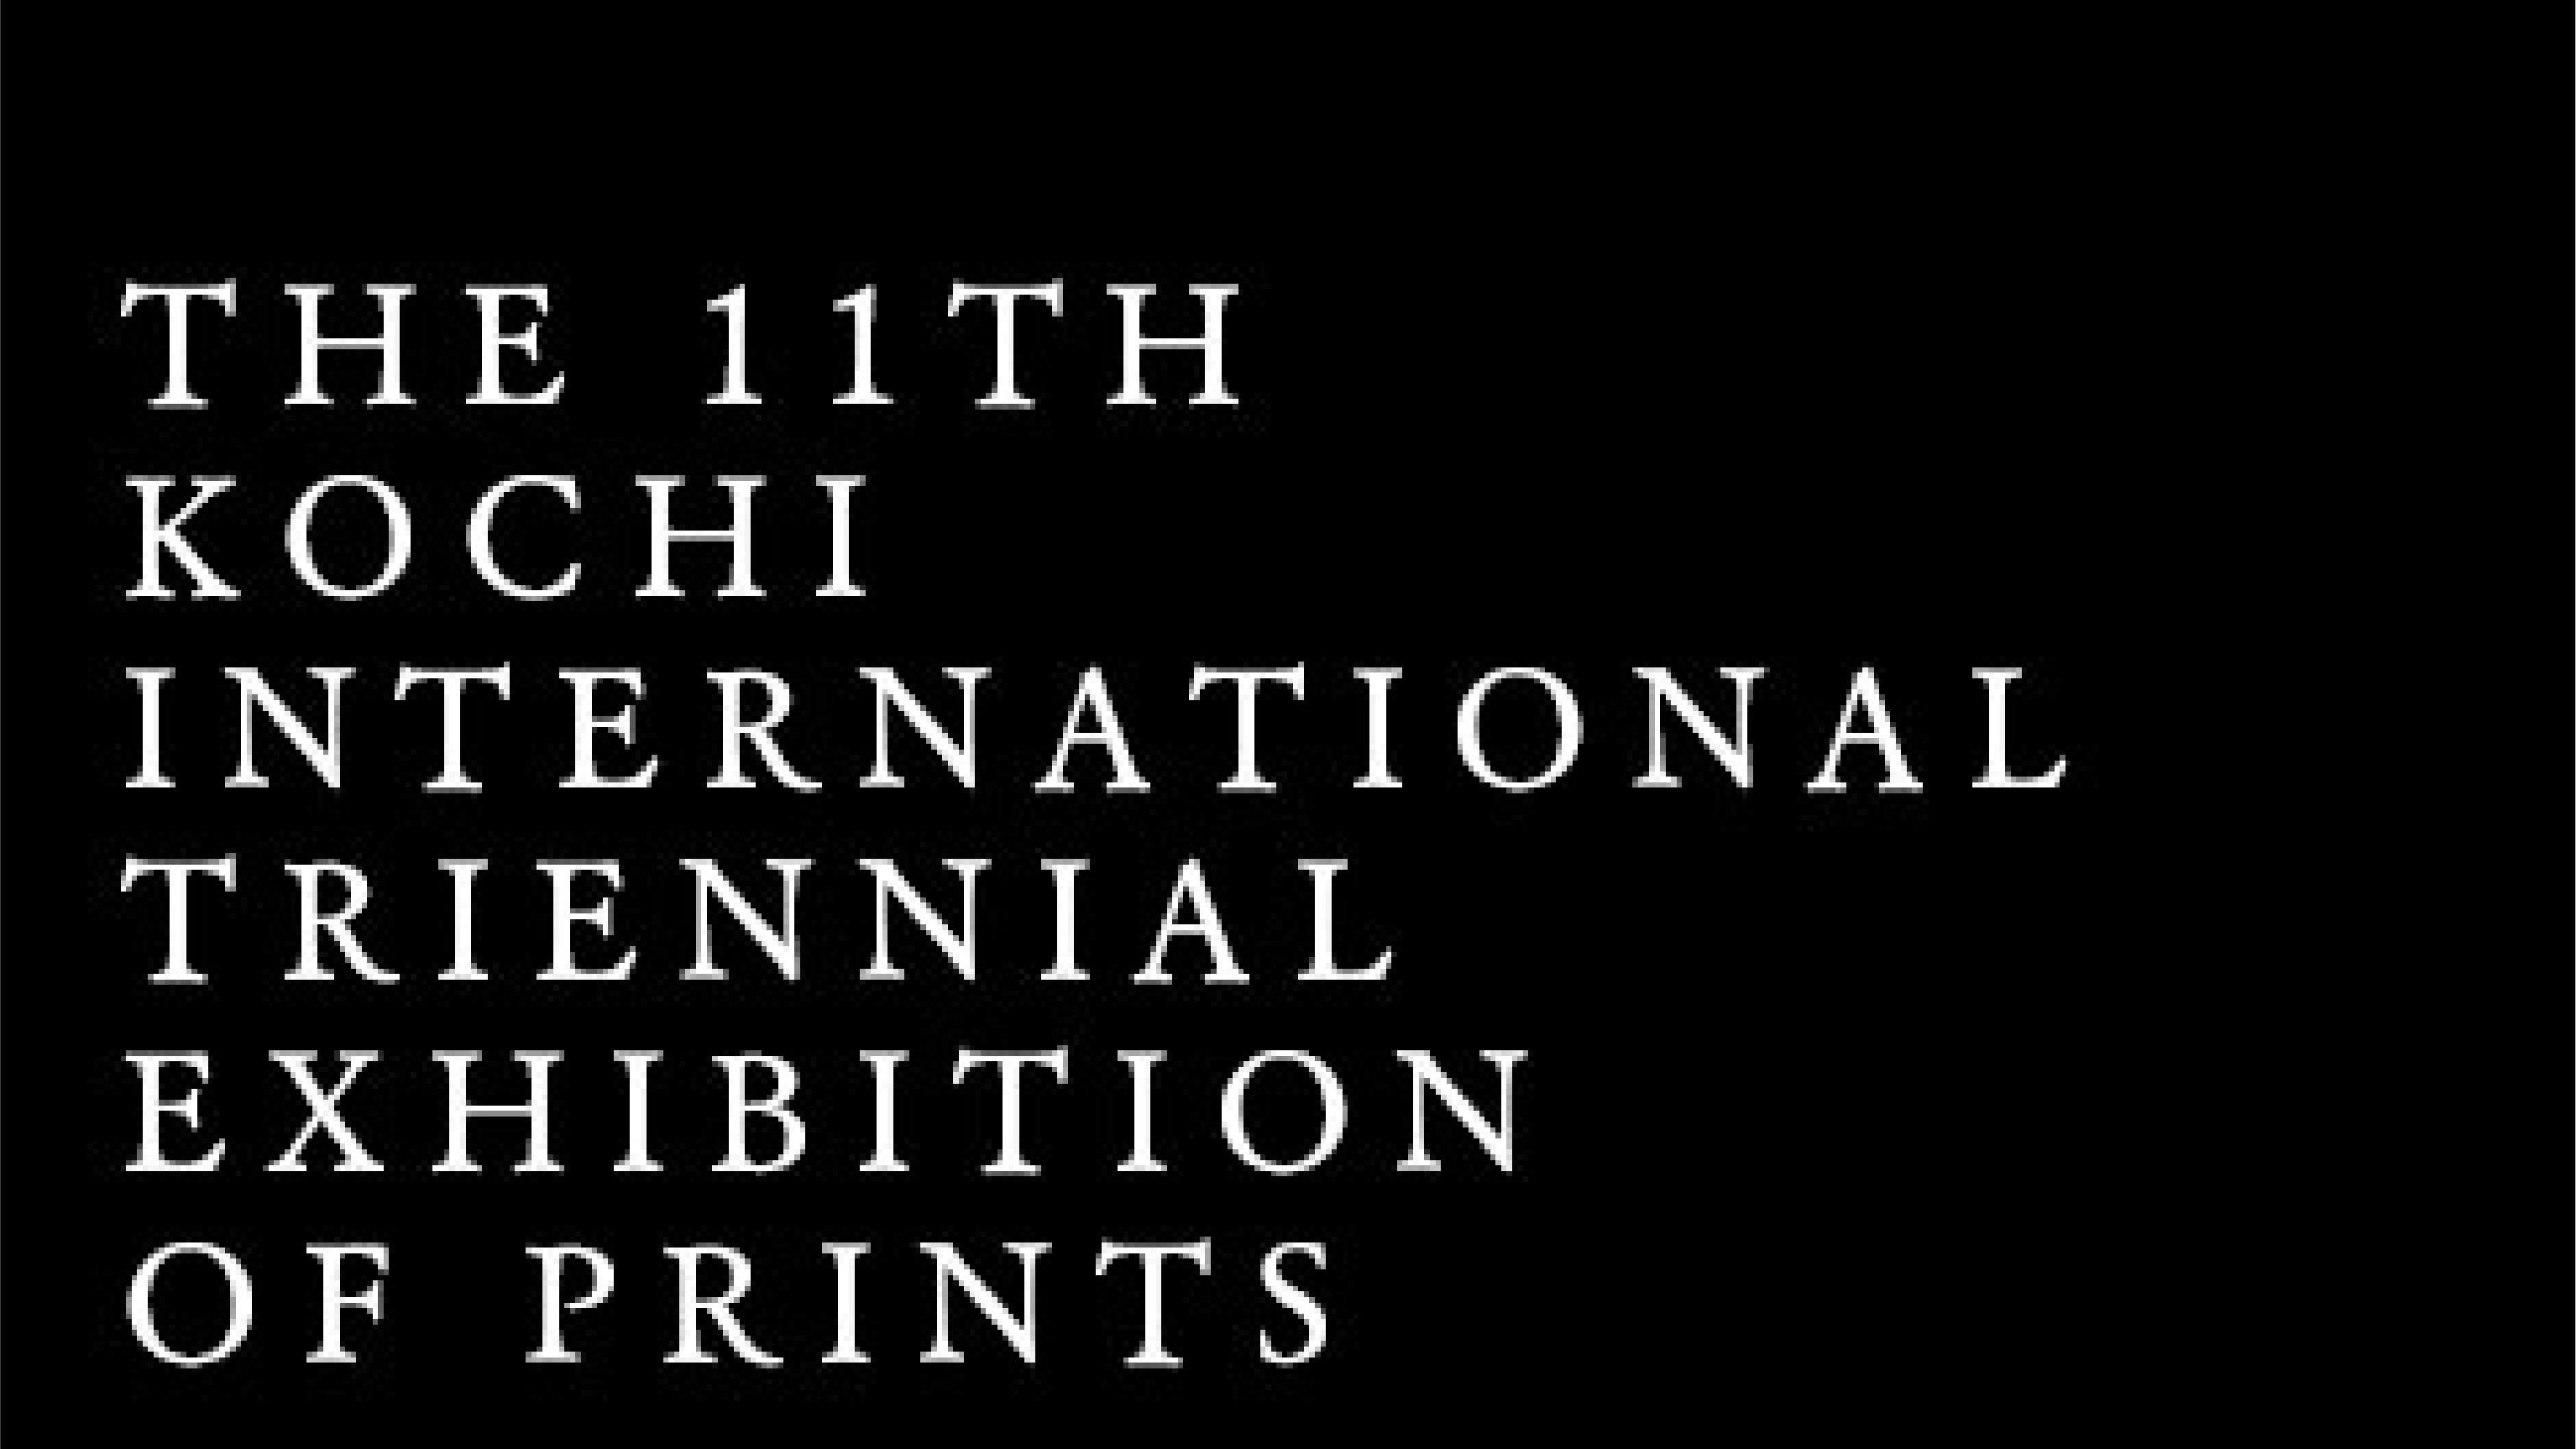 فراخوان یازدهمین نمایشگاه چاپ کوچی